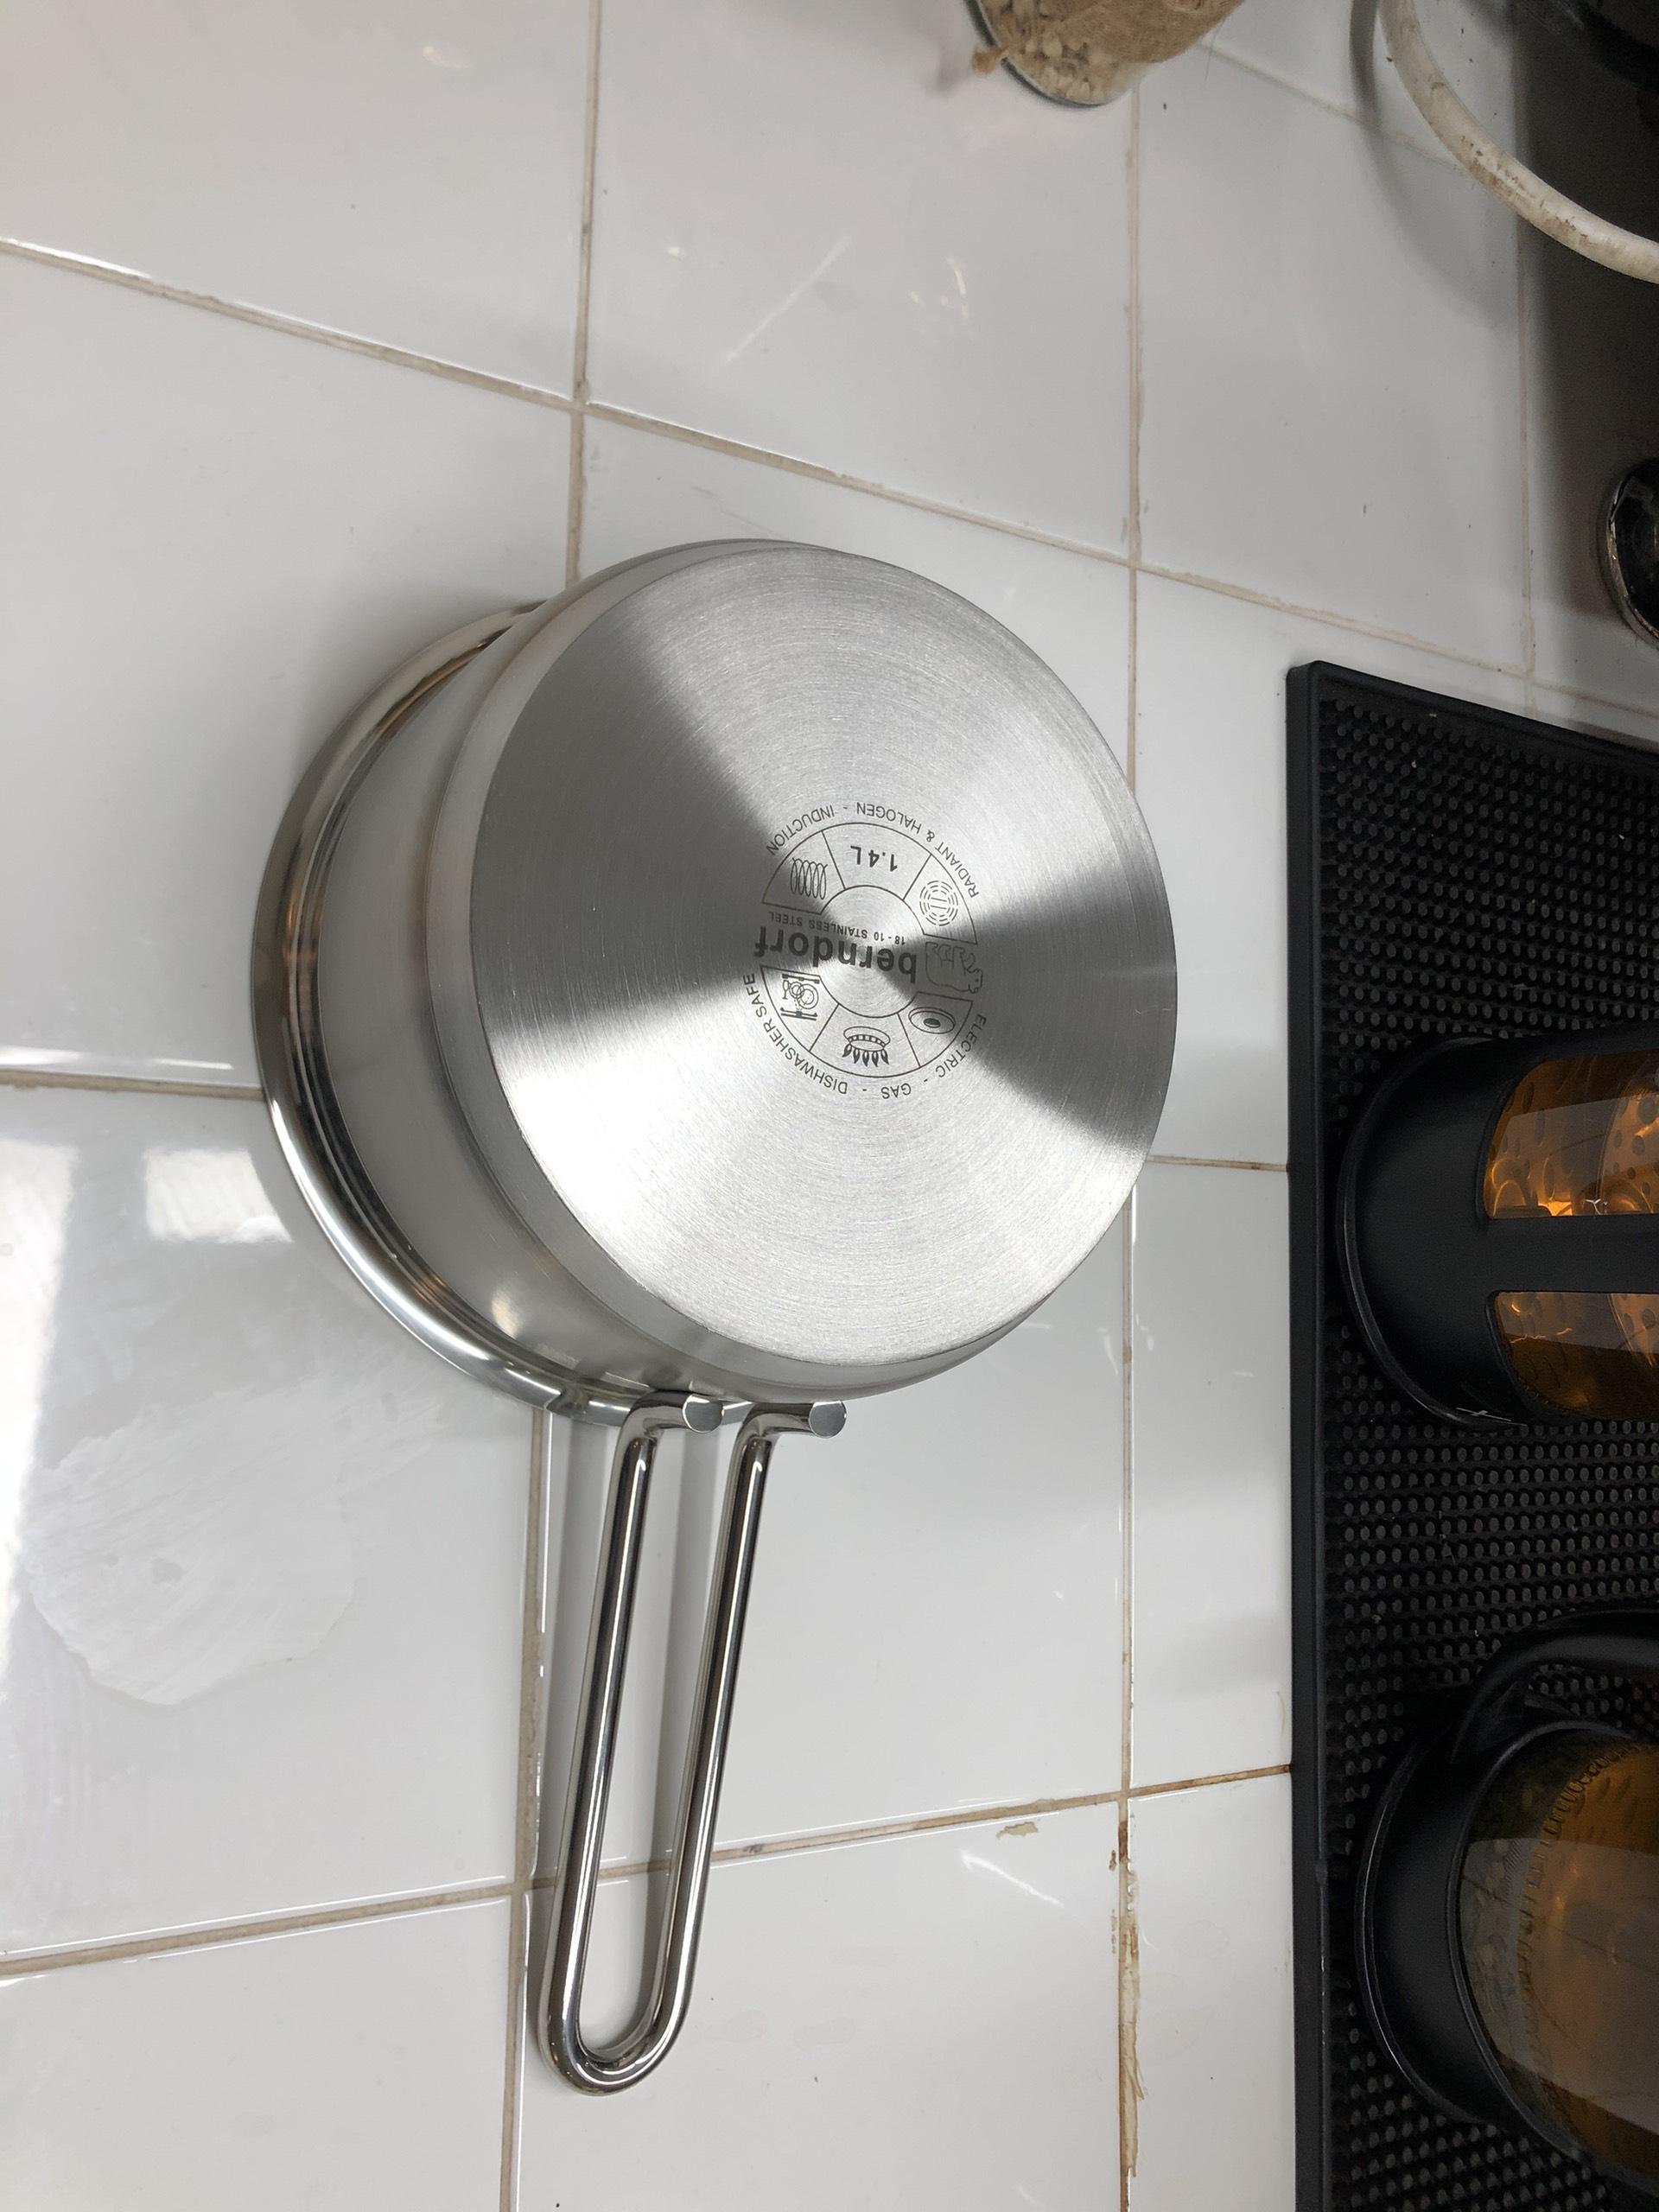 Chảo Quánh Inox  304 Cao Cấp Đáy 3 Lớp  1.4 L - Low Saucepan without lid 16x7.0cm Berndorf Sandrik